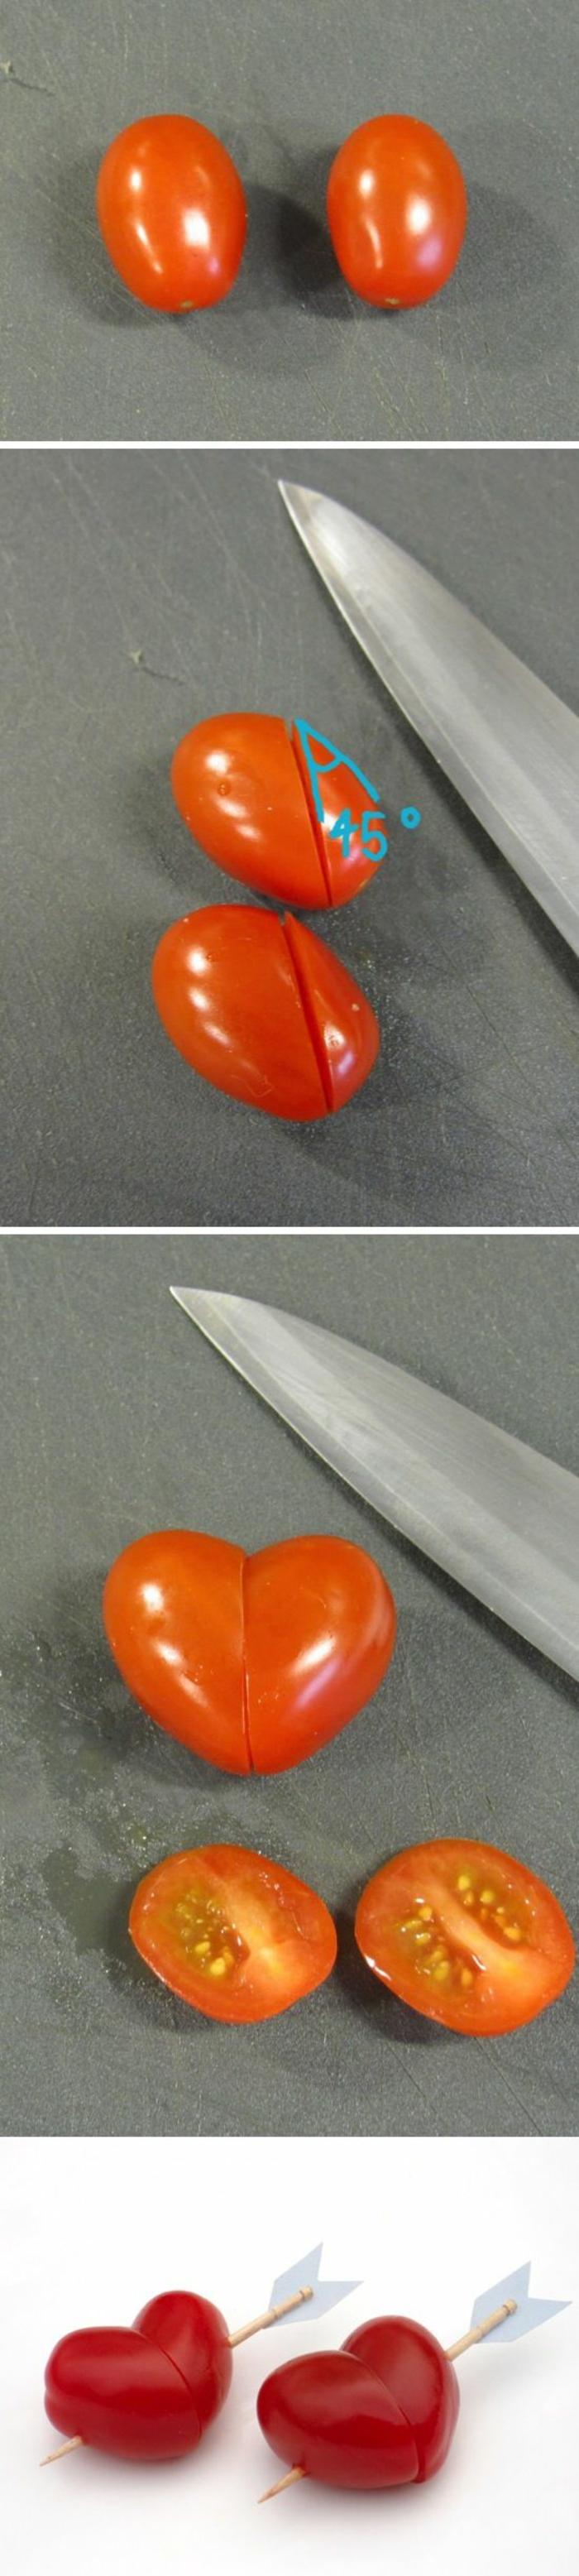 eine tolle Idee zur Teller-Dekoration